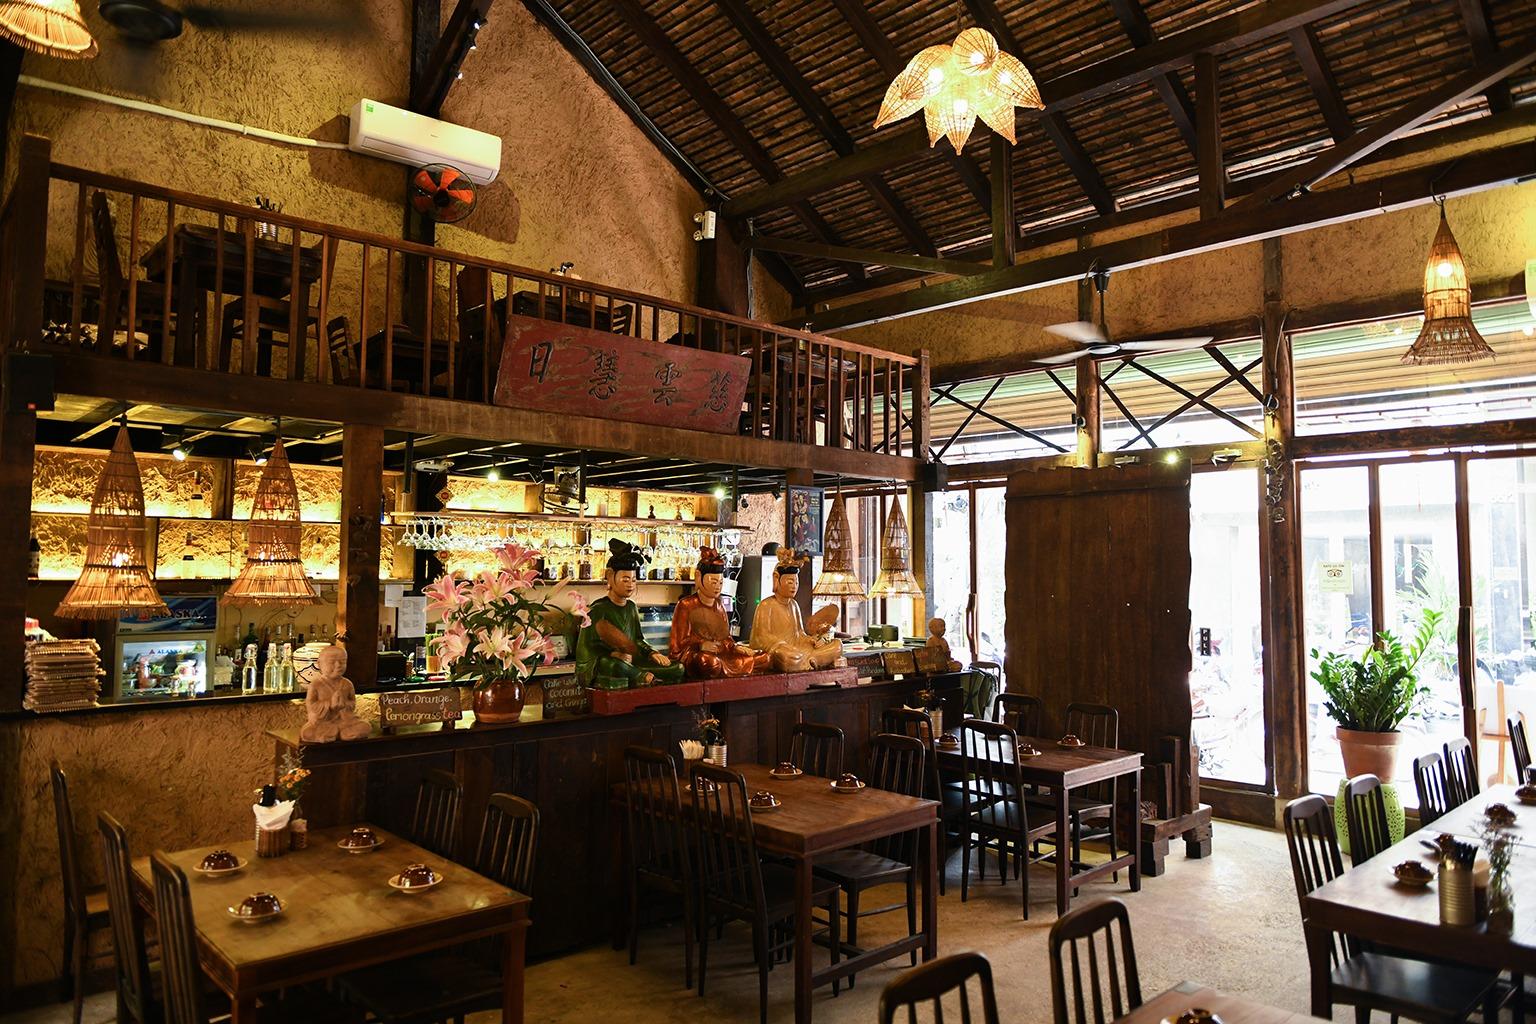 5 nhà hàng lí tưởng dành cho gia đình nhân dịp Trung thu ở TP HCM - Ảnh 1.